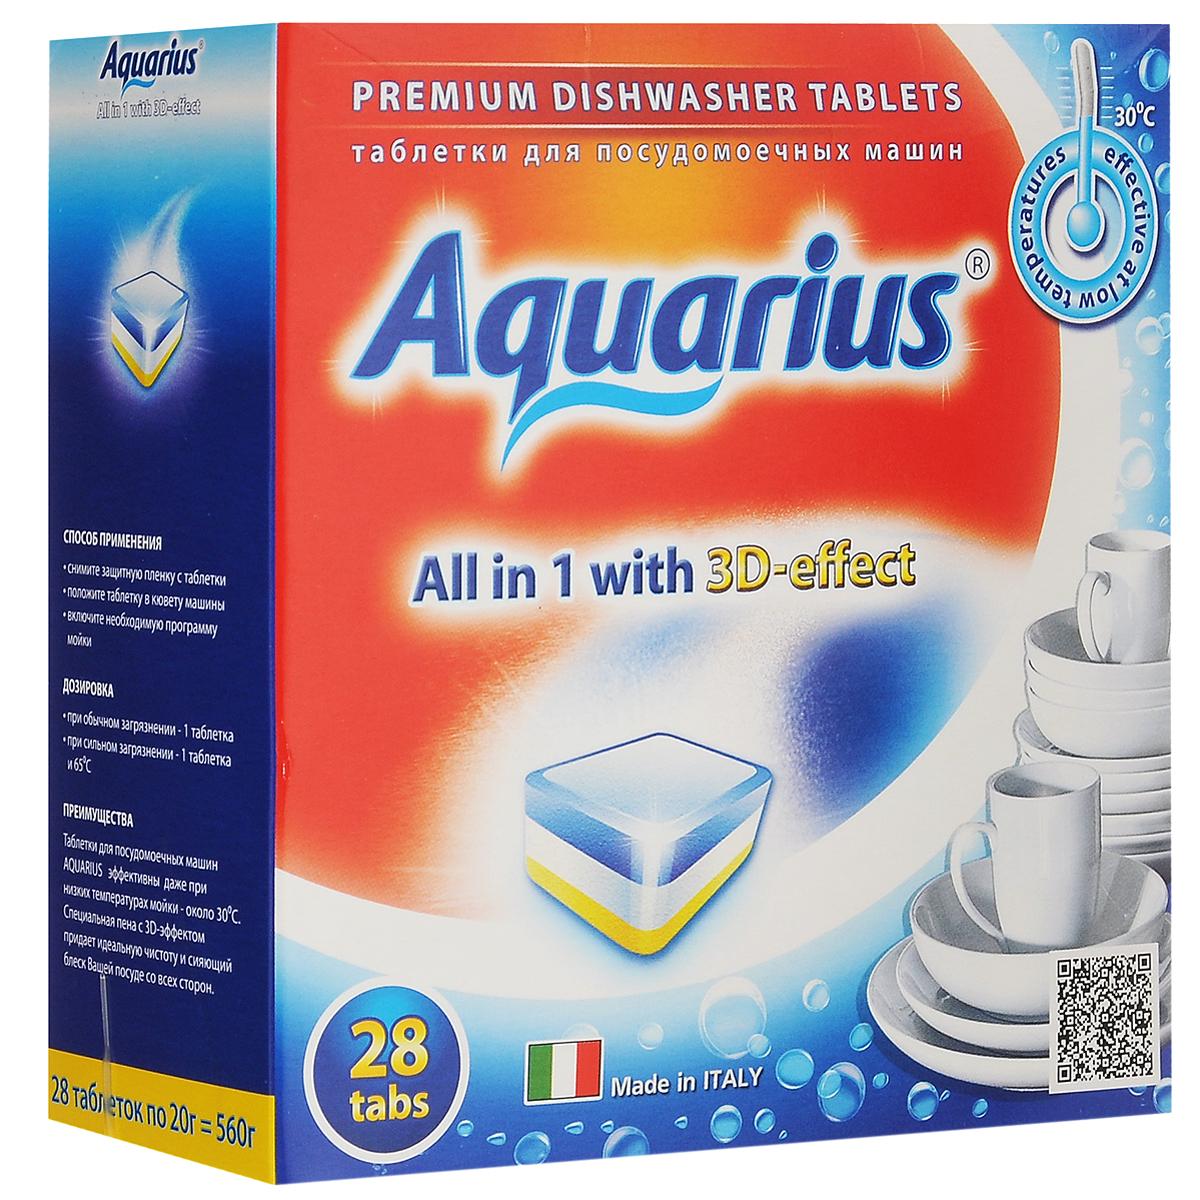 Таблетки для посудомоечных машин Lotta Aquarius, 28 шт16321Таблетки Lotta Aquarius предназначены для посудомоечных машин. Специальная пена с 3D-эффектом придает идеальную чистоту и сияющий блеск вашей посуде со всех сторон. Таблетки эффективны даже при низких температурах мойки - около 30°С.Для этого необходимо снять защитную пленку, положить таблетку в кювету машины и включить необходимую программу. В комплект входит 28 штук. Вес одной таблетки: 20 г. Состав: фосфаты более 30%, кислородосодержащий отбеливатель более 5%, но менее 15%, поликарбоксилаты, фосфонаты, неионные ПАВ, энзимы (амилаза, протеаза), краситель, отдушка менее 5%. Товар сертифицирован.Как выбрать качественную бытовую химию, безопасную для природы и людей. Статья OZON Гид